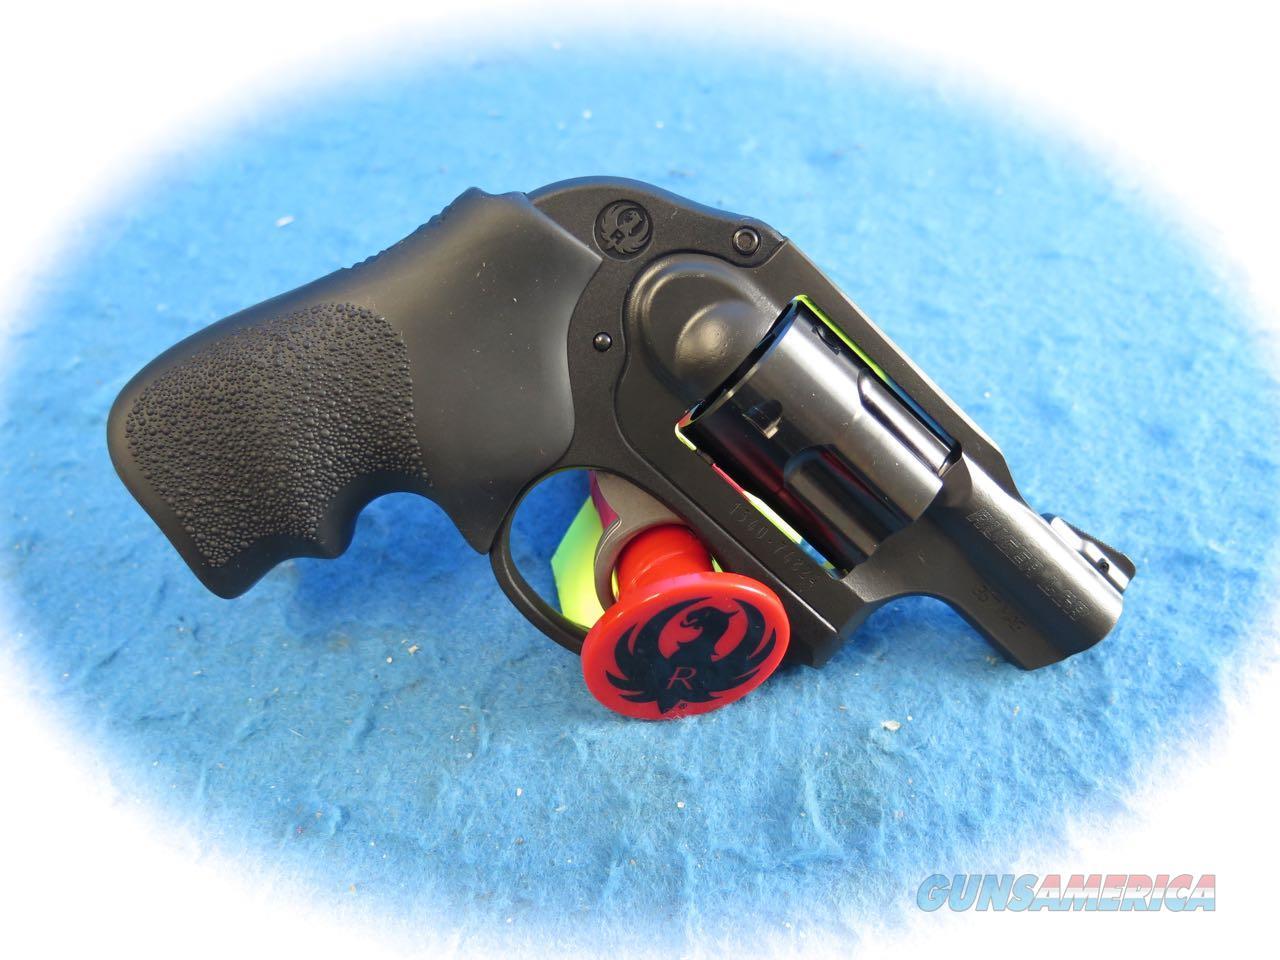 Ruger LCR .357 Magnum 5 Shot DA Revolver Model 5450 **New**  Guns > Pistols > Ruger Double Action Revolver > LCR